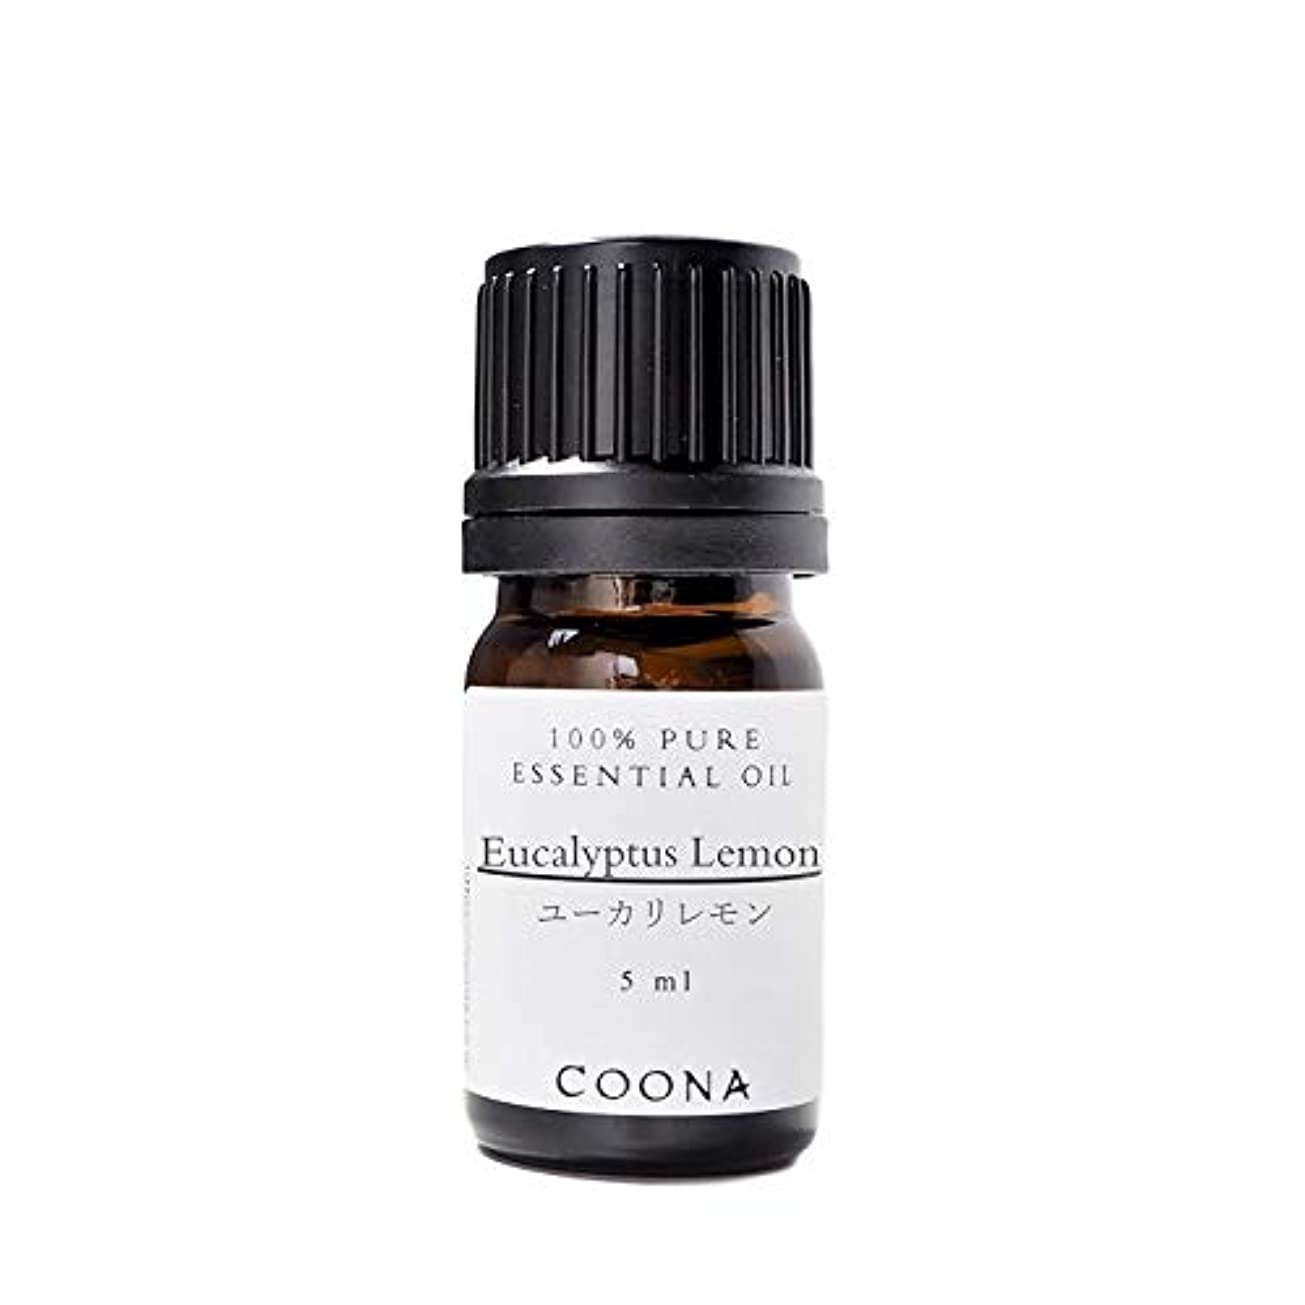 ユーカリレモン 5 ml (COONA エッセンシャルオイル アロマオイル 100%天然植物精油)